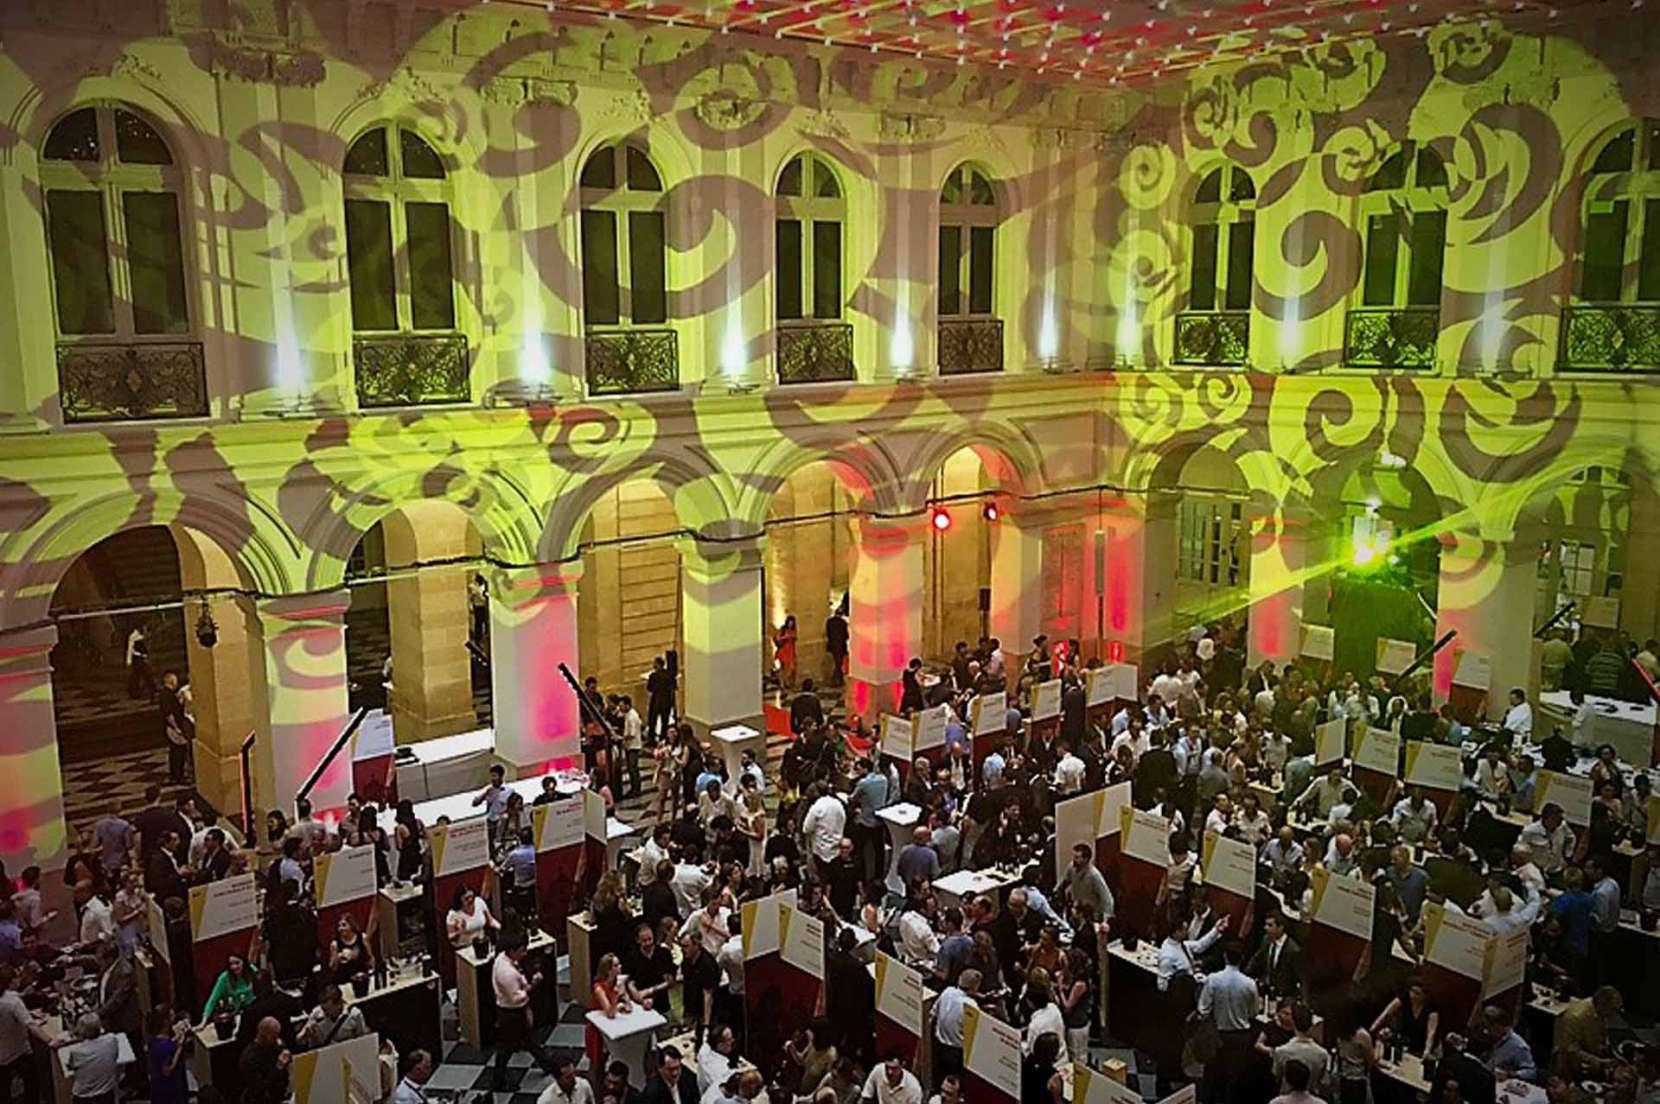 Soirée-des-grands-chefs-Espagnols-au-Palais-de-la-Bourse-Vinexpo-1660x1104.jpg